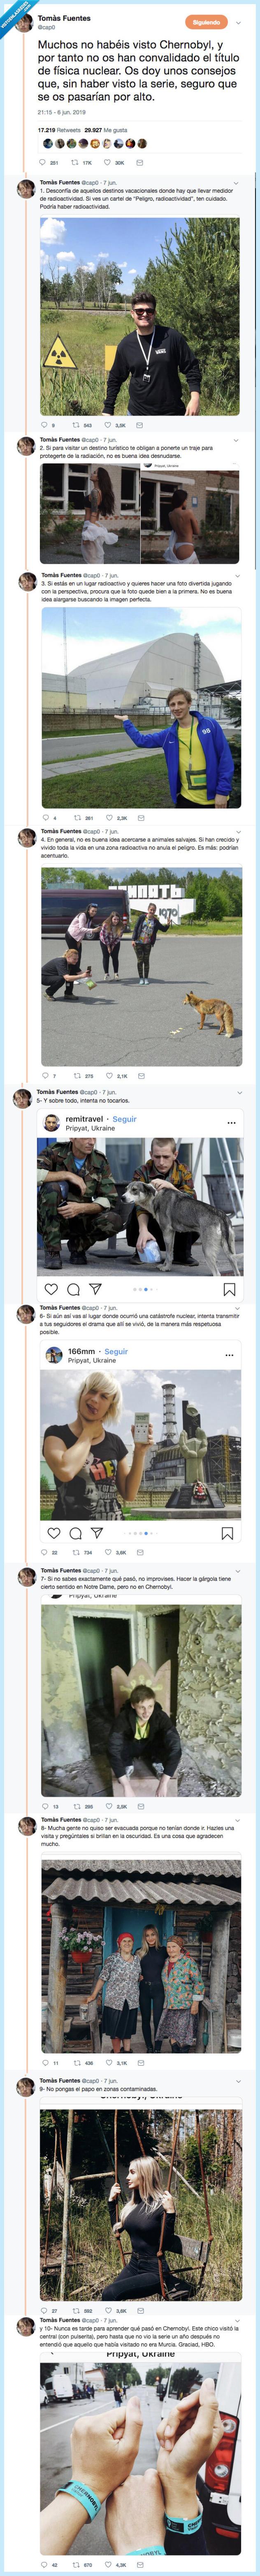 cap0,chernobyl,consejos,hilo